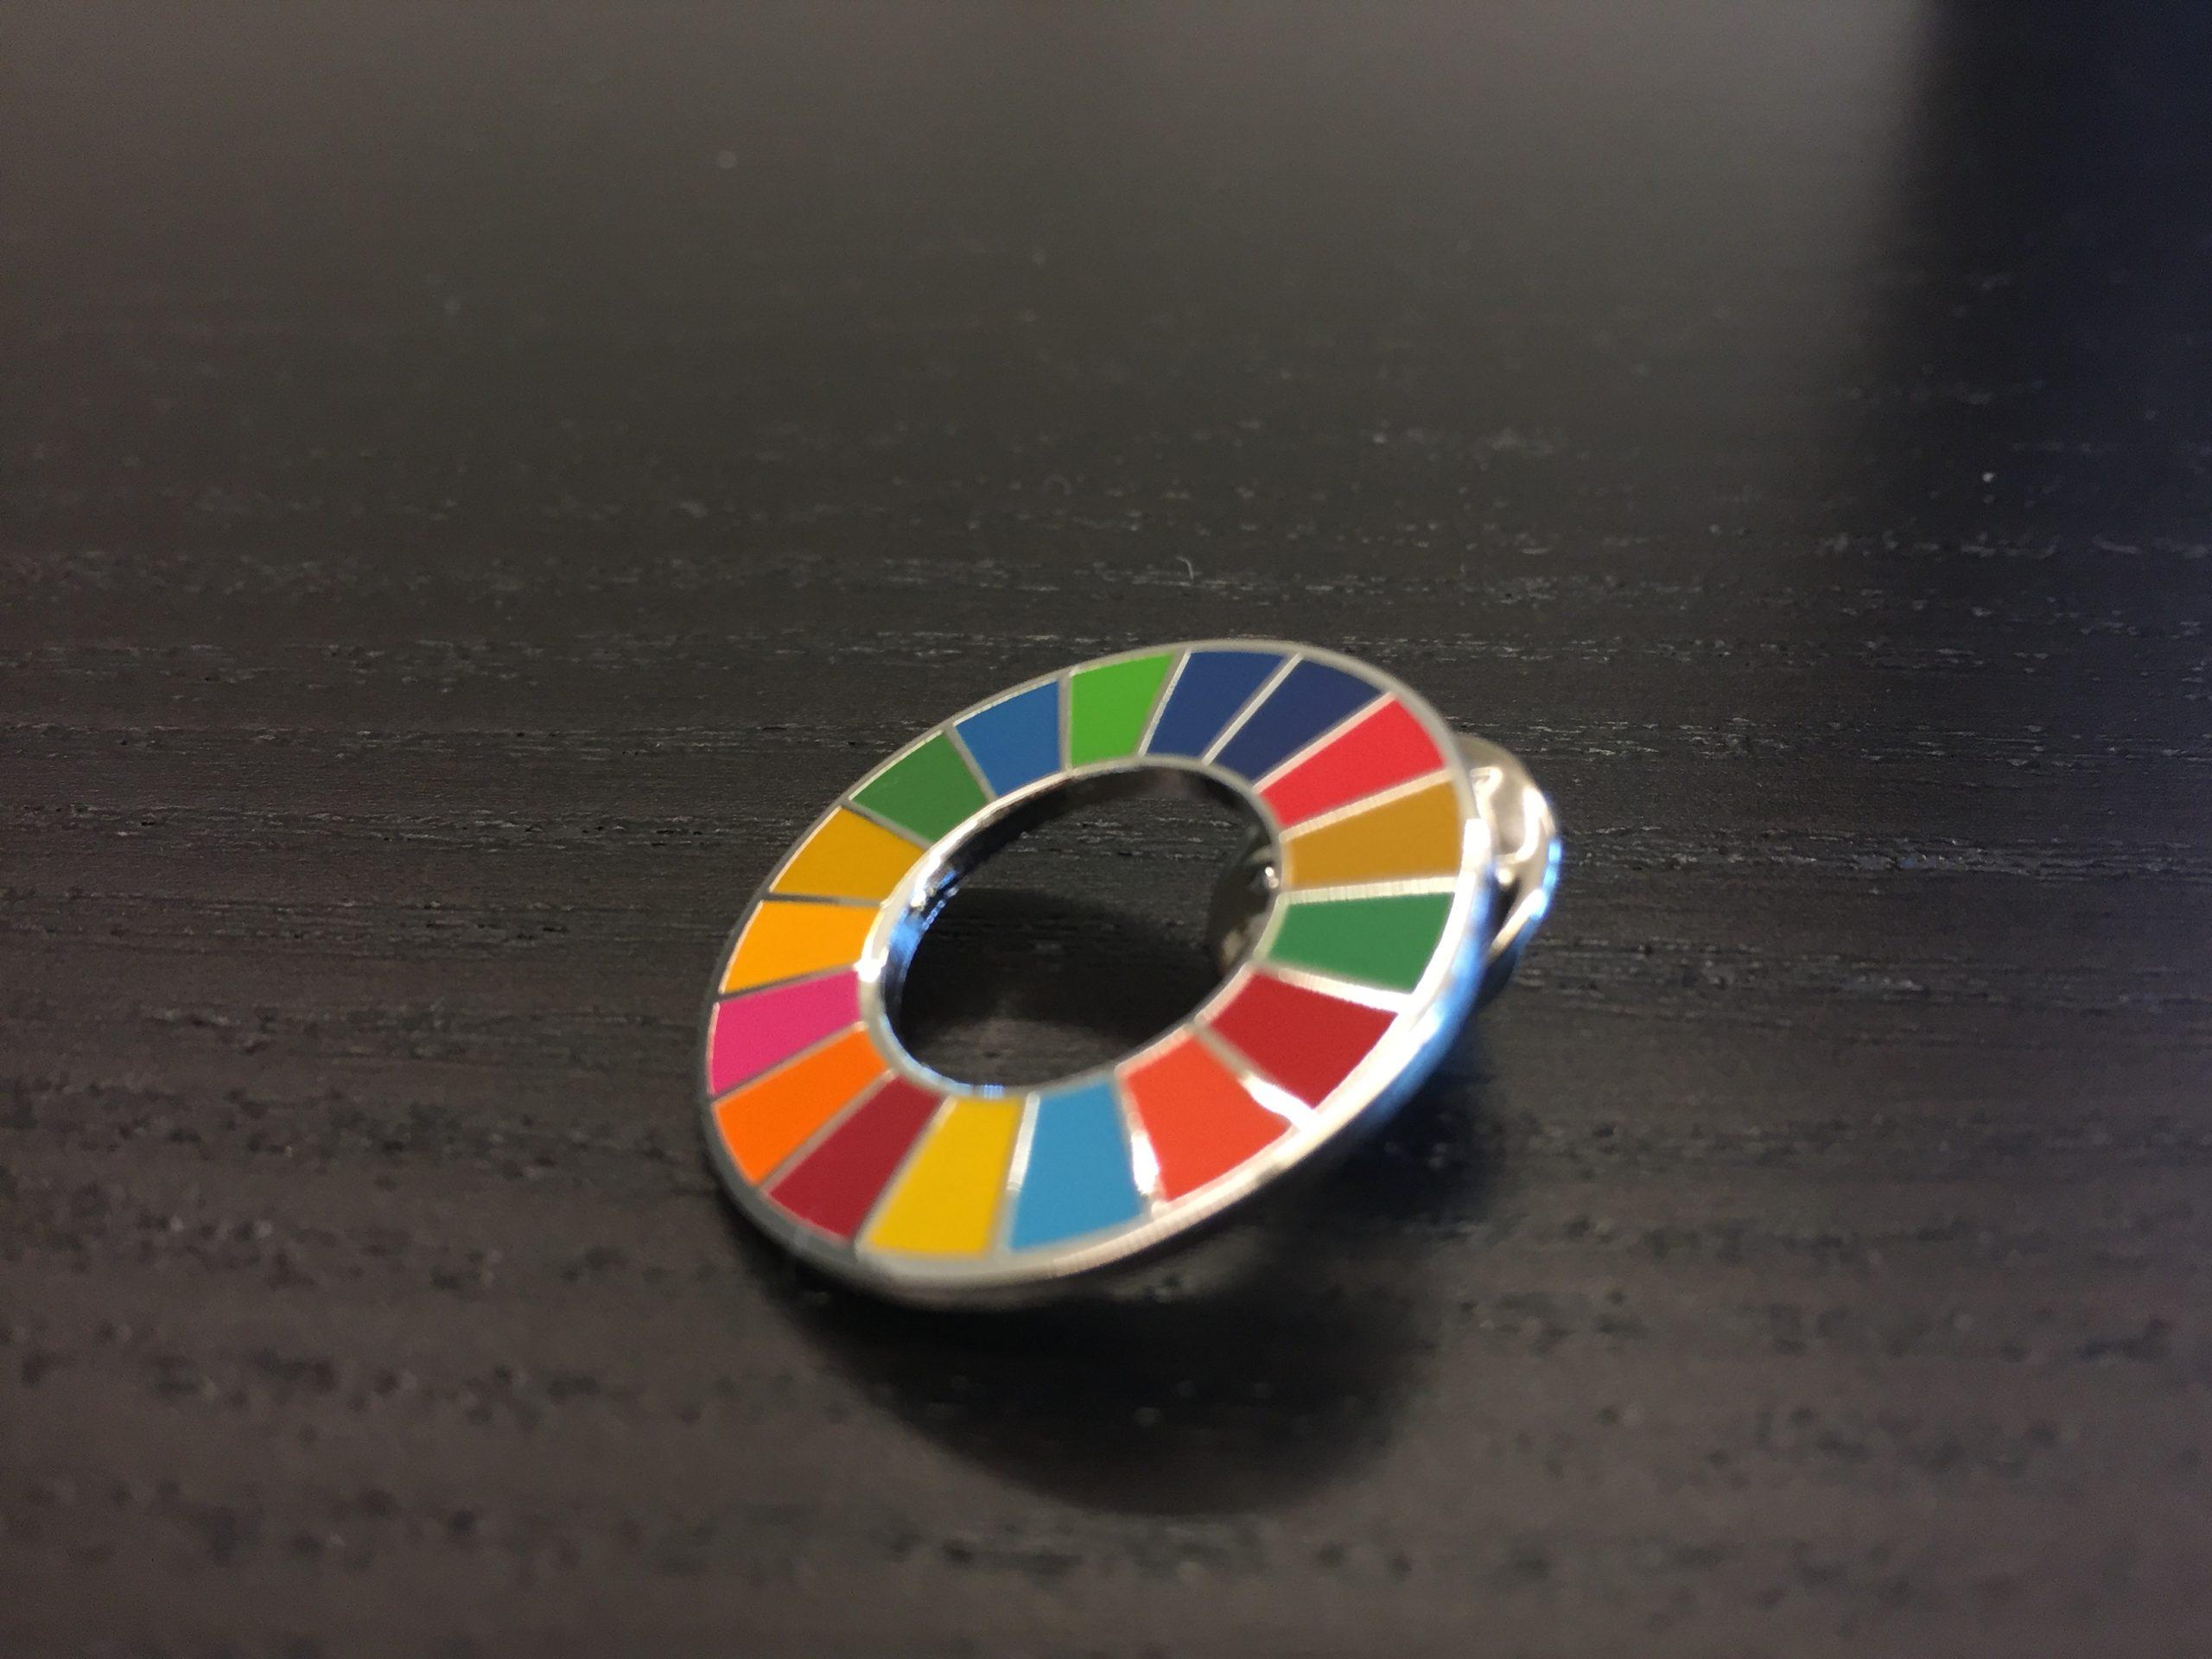 SDG speldje